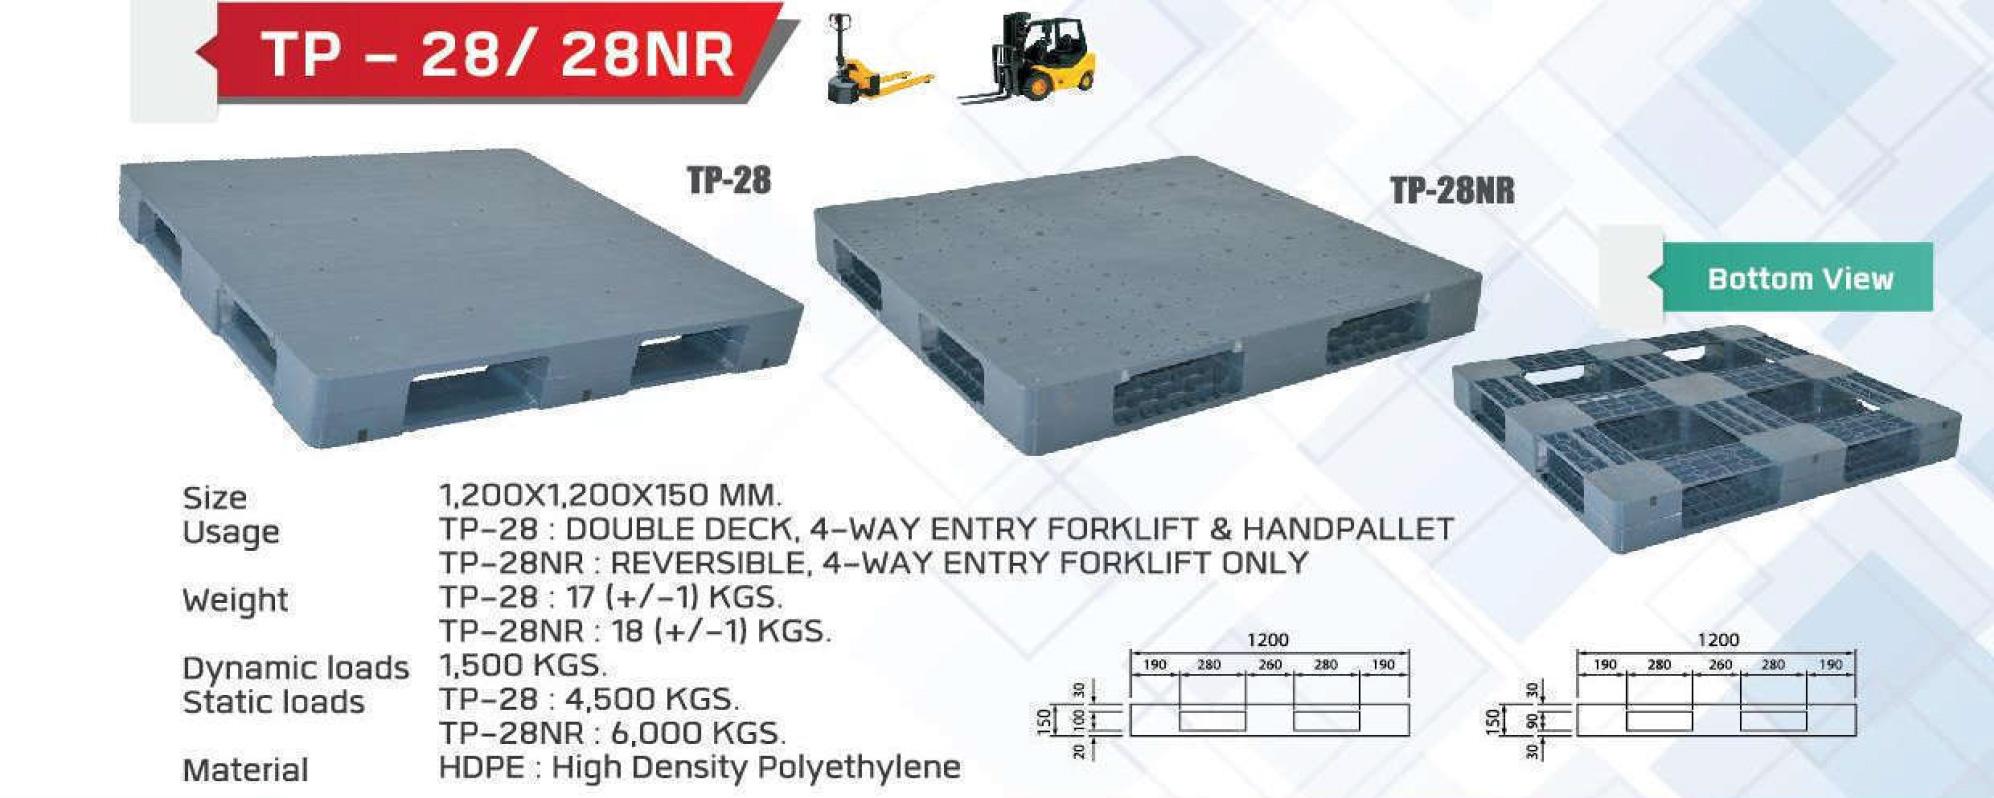 Light-Weight-pallet-TP-28-28NR